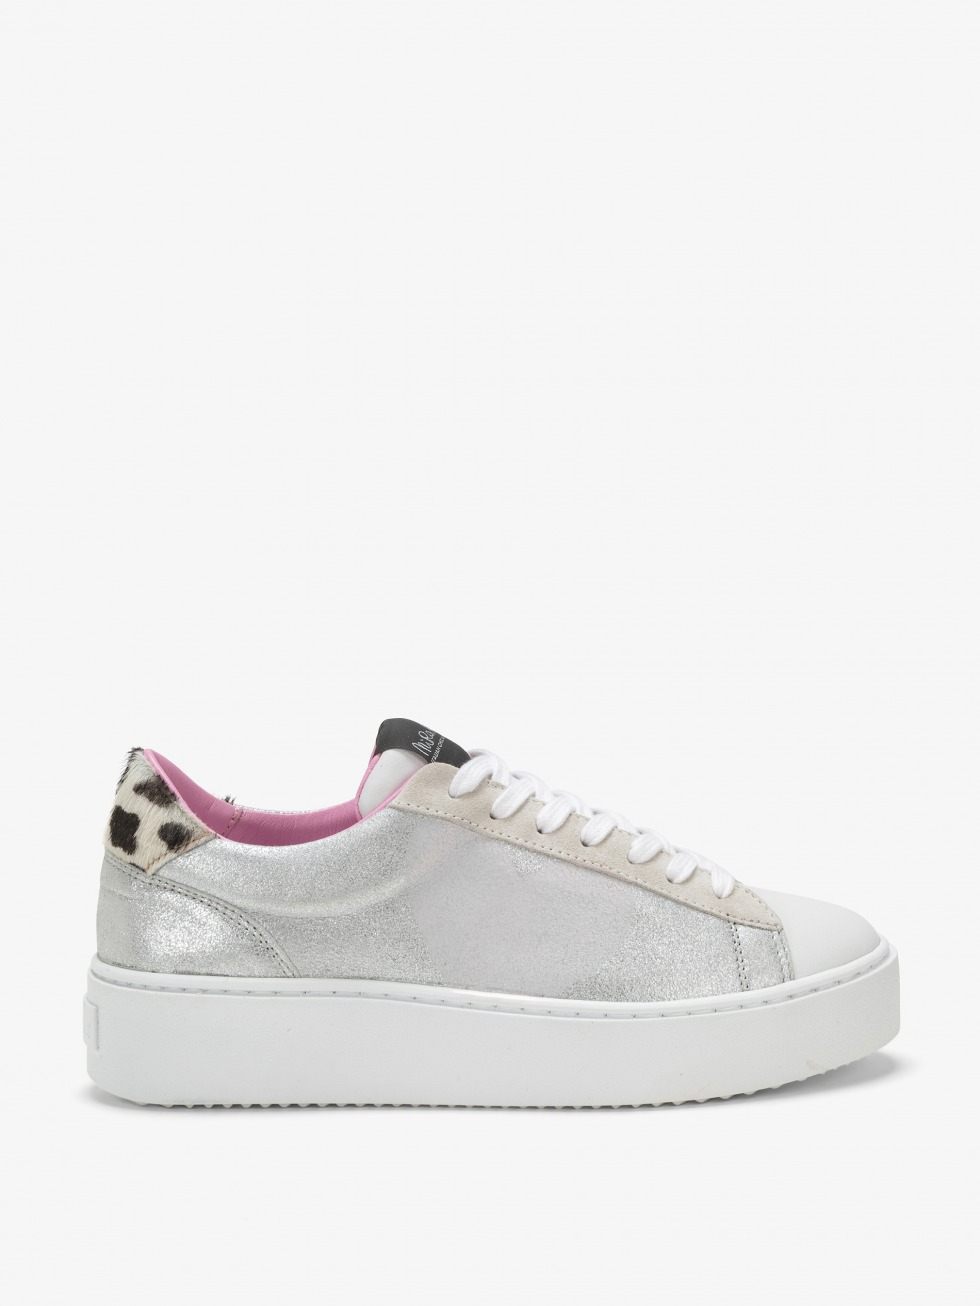 Cosmopolitan Sneakers Pink Lady- Heart